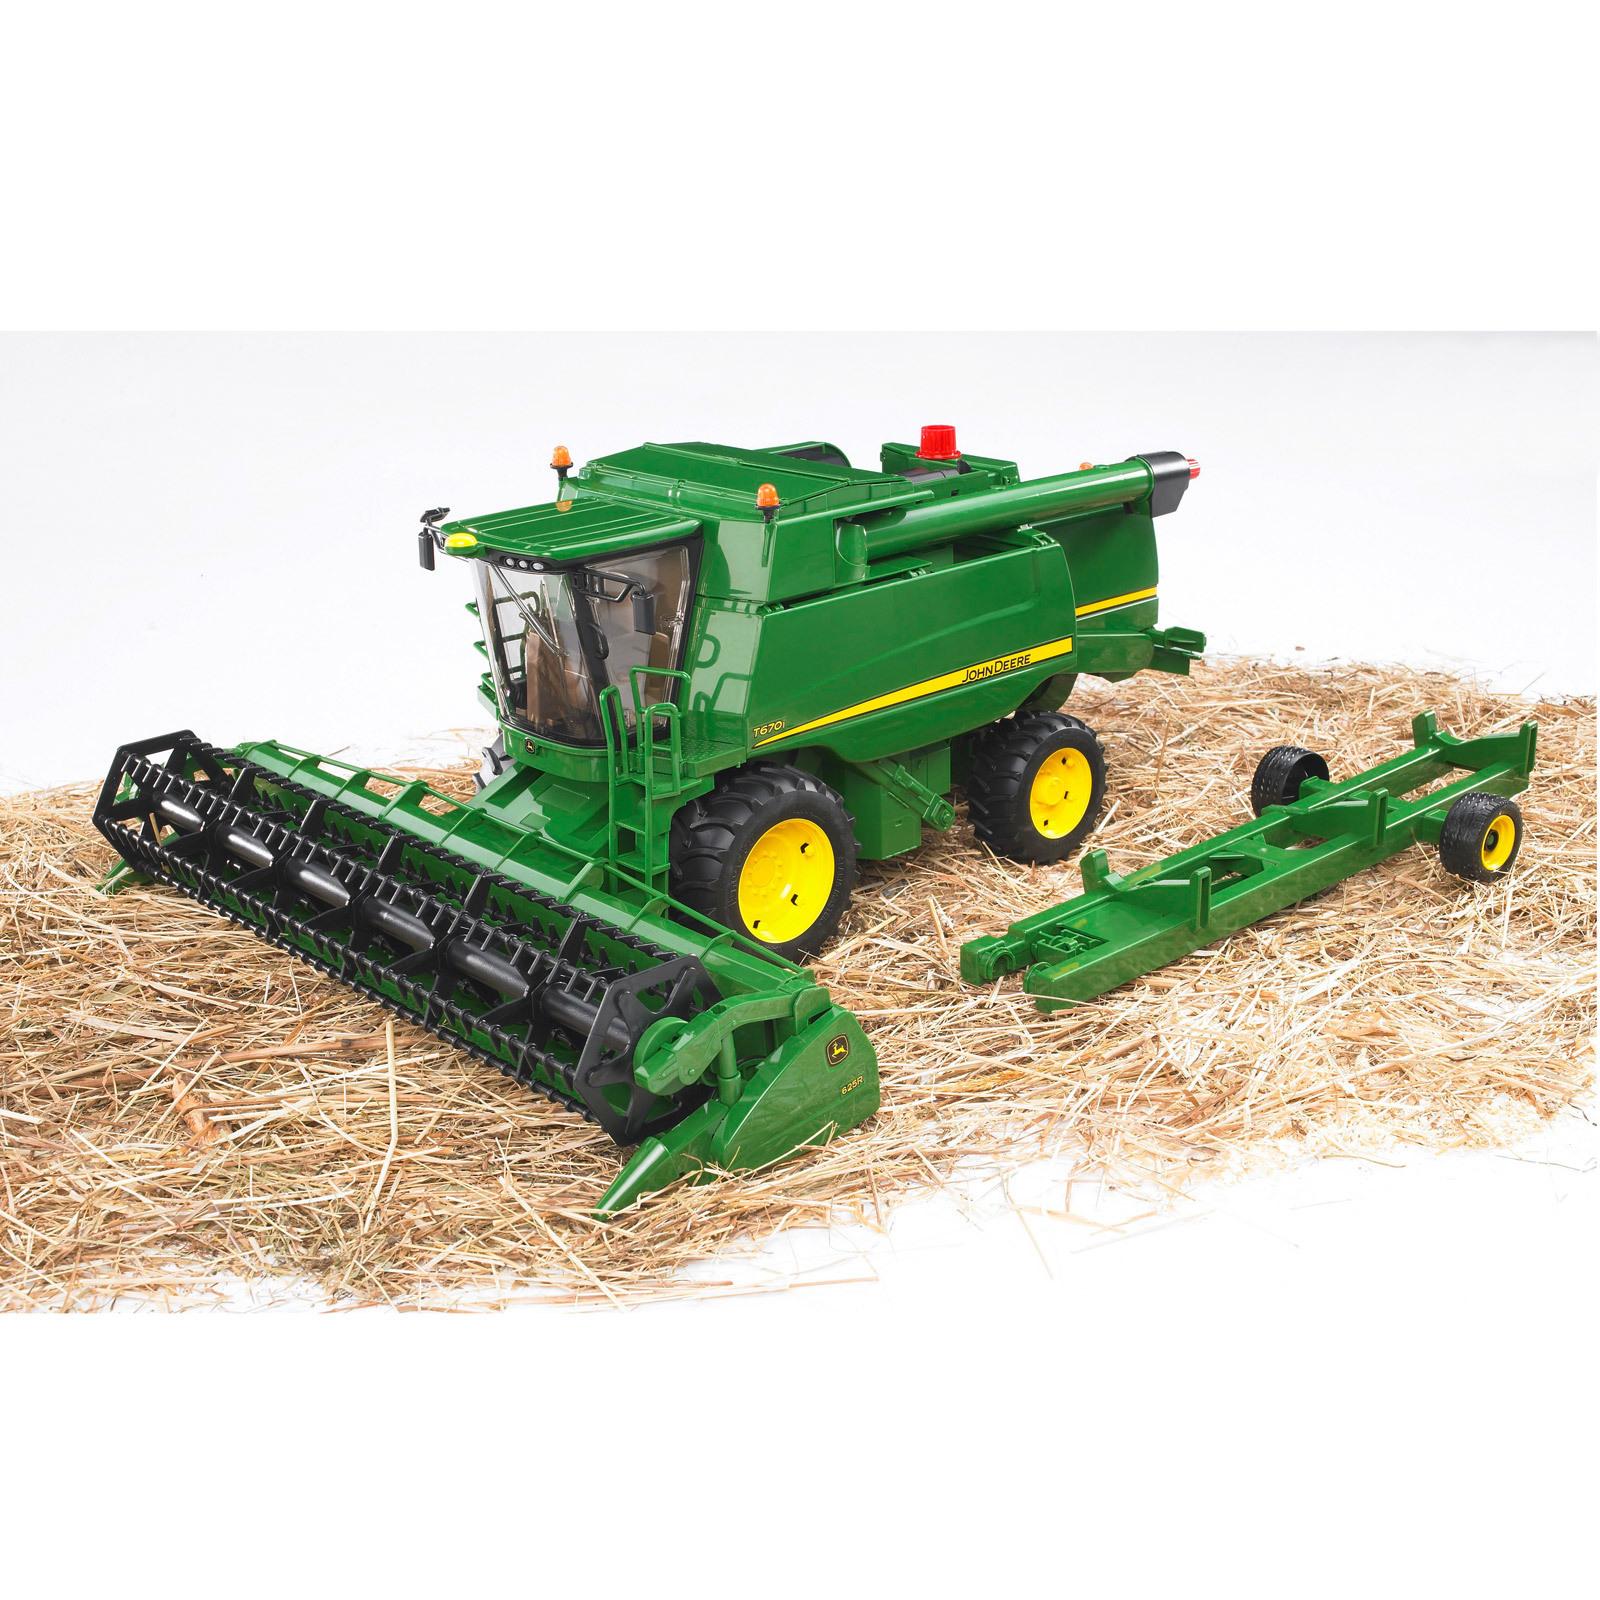 BRUDER Kinder Spielzeug John Deere Mähdrescher Erntemaschine 02132 M1:16 Spielzeugautos